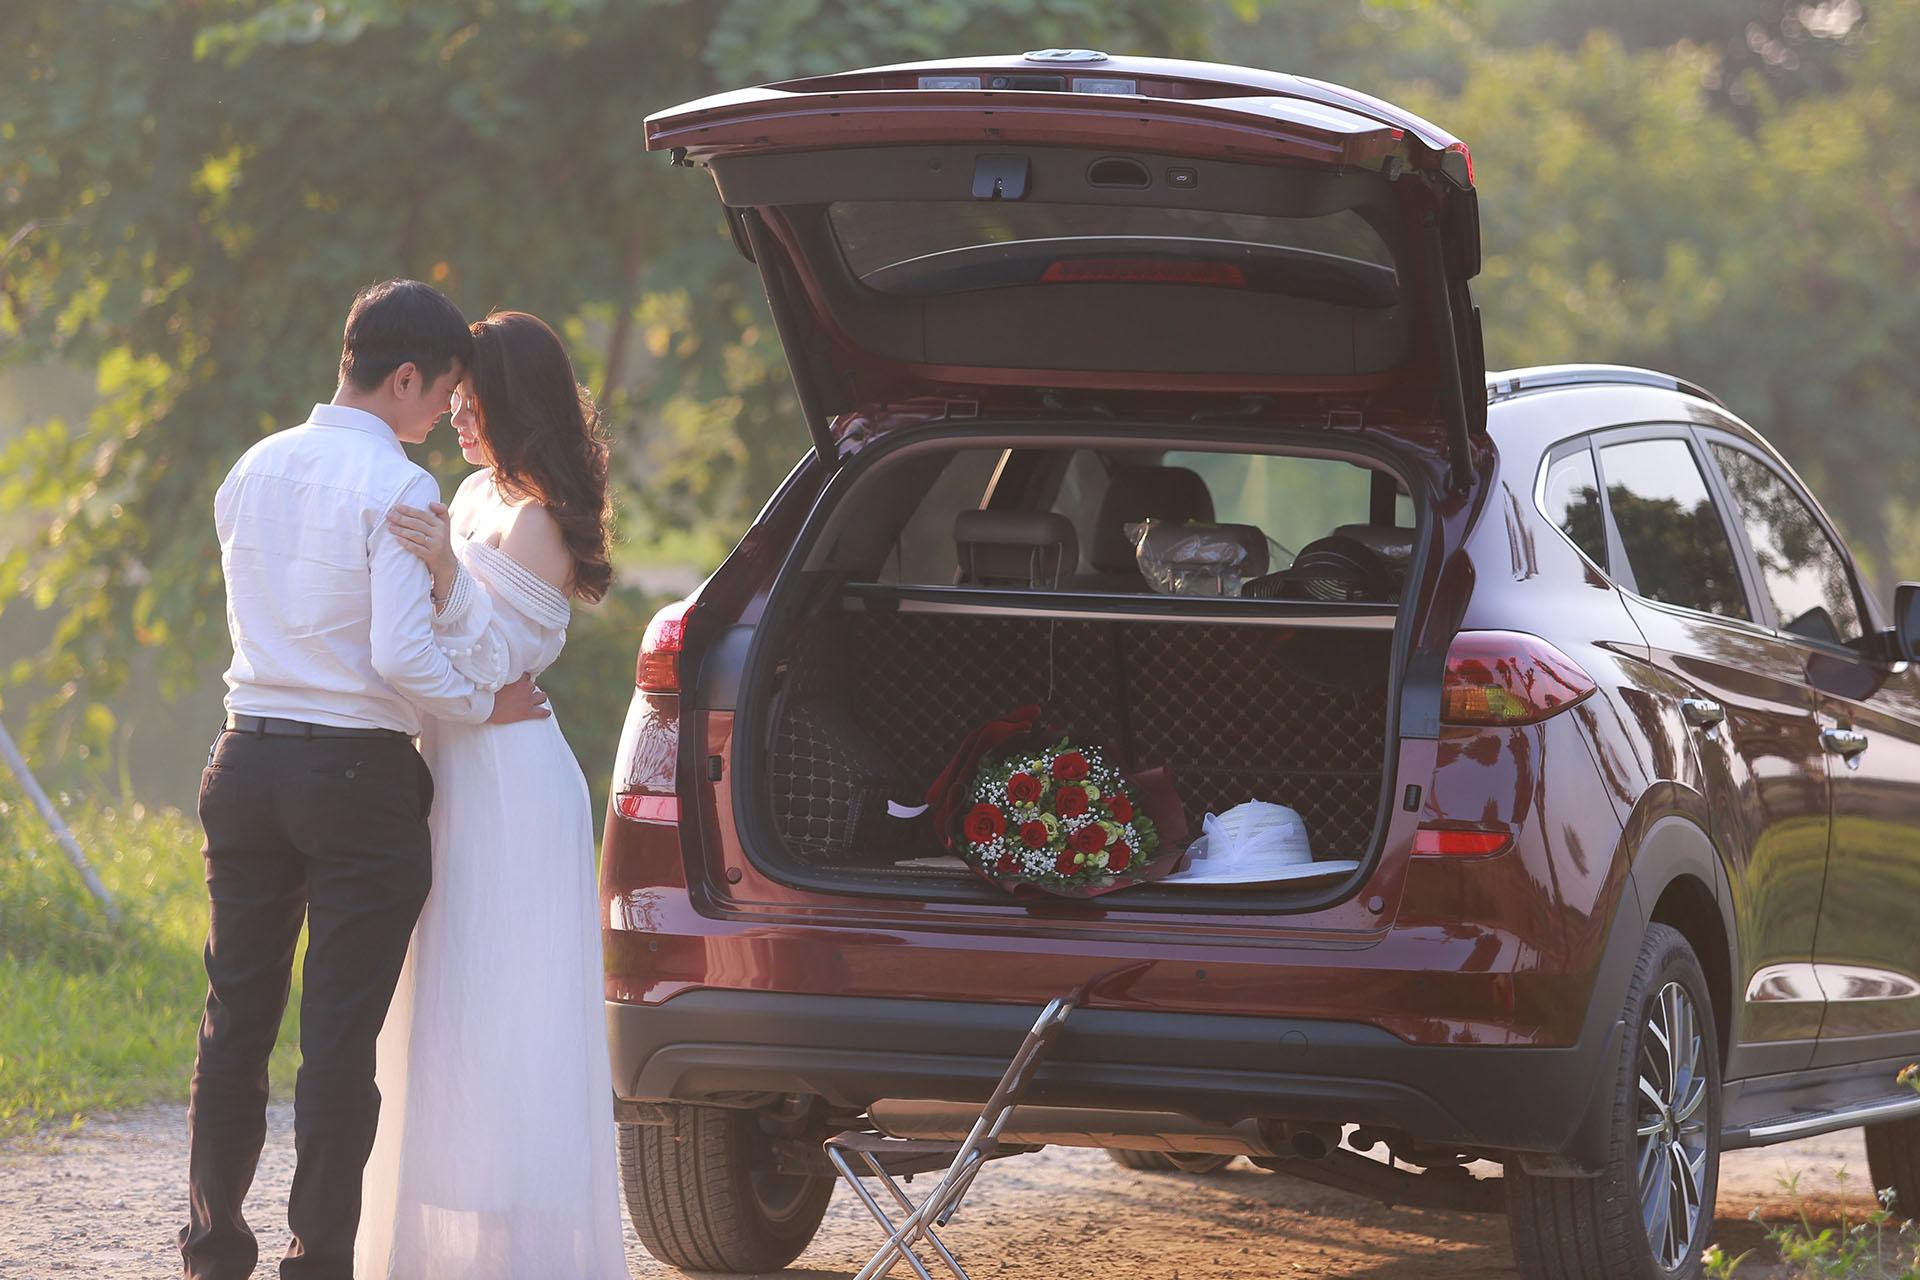 Nữ chủ xe Hyundai Tucson đánh giá thẳng thật sau hơn 1 năm sử dụng - Ảnh 3.